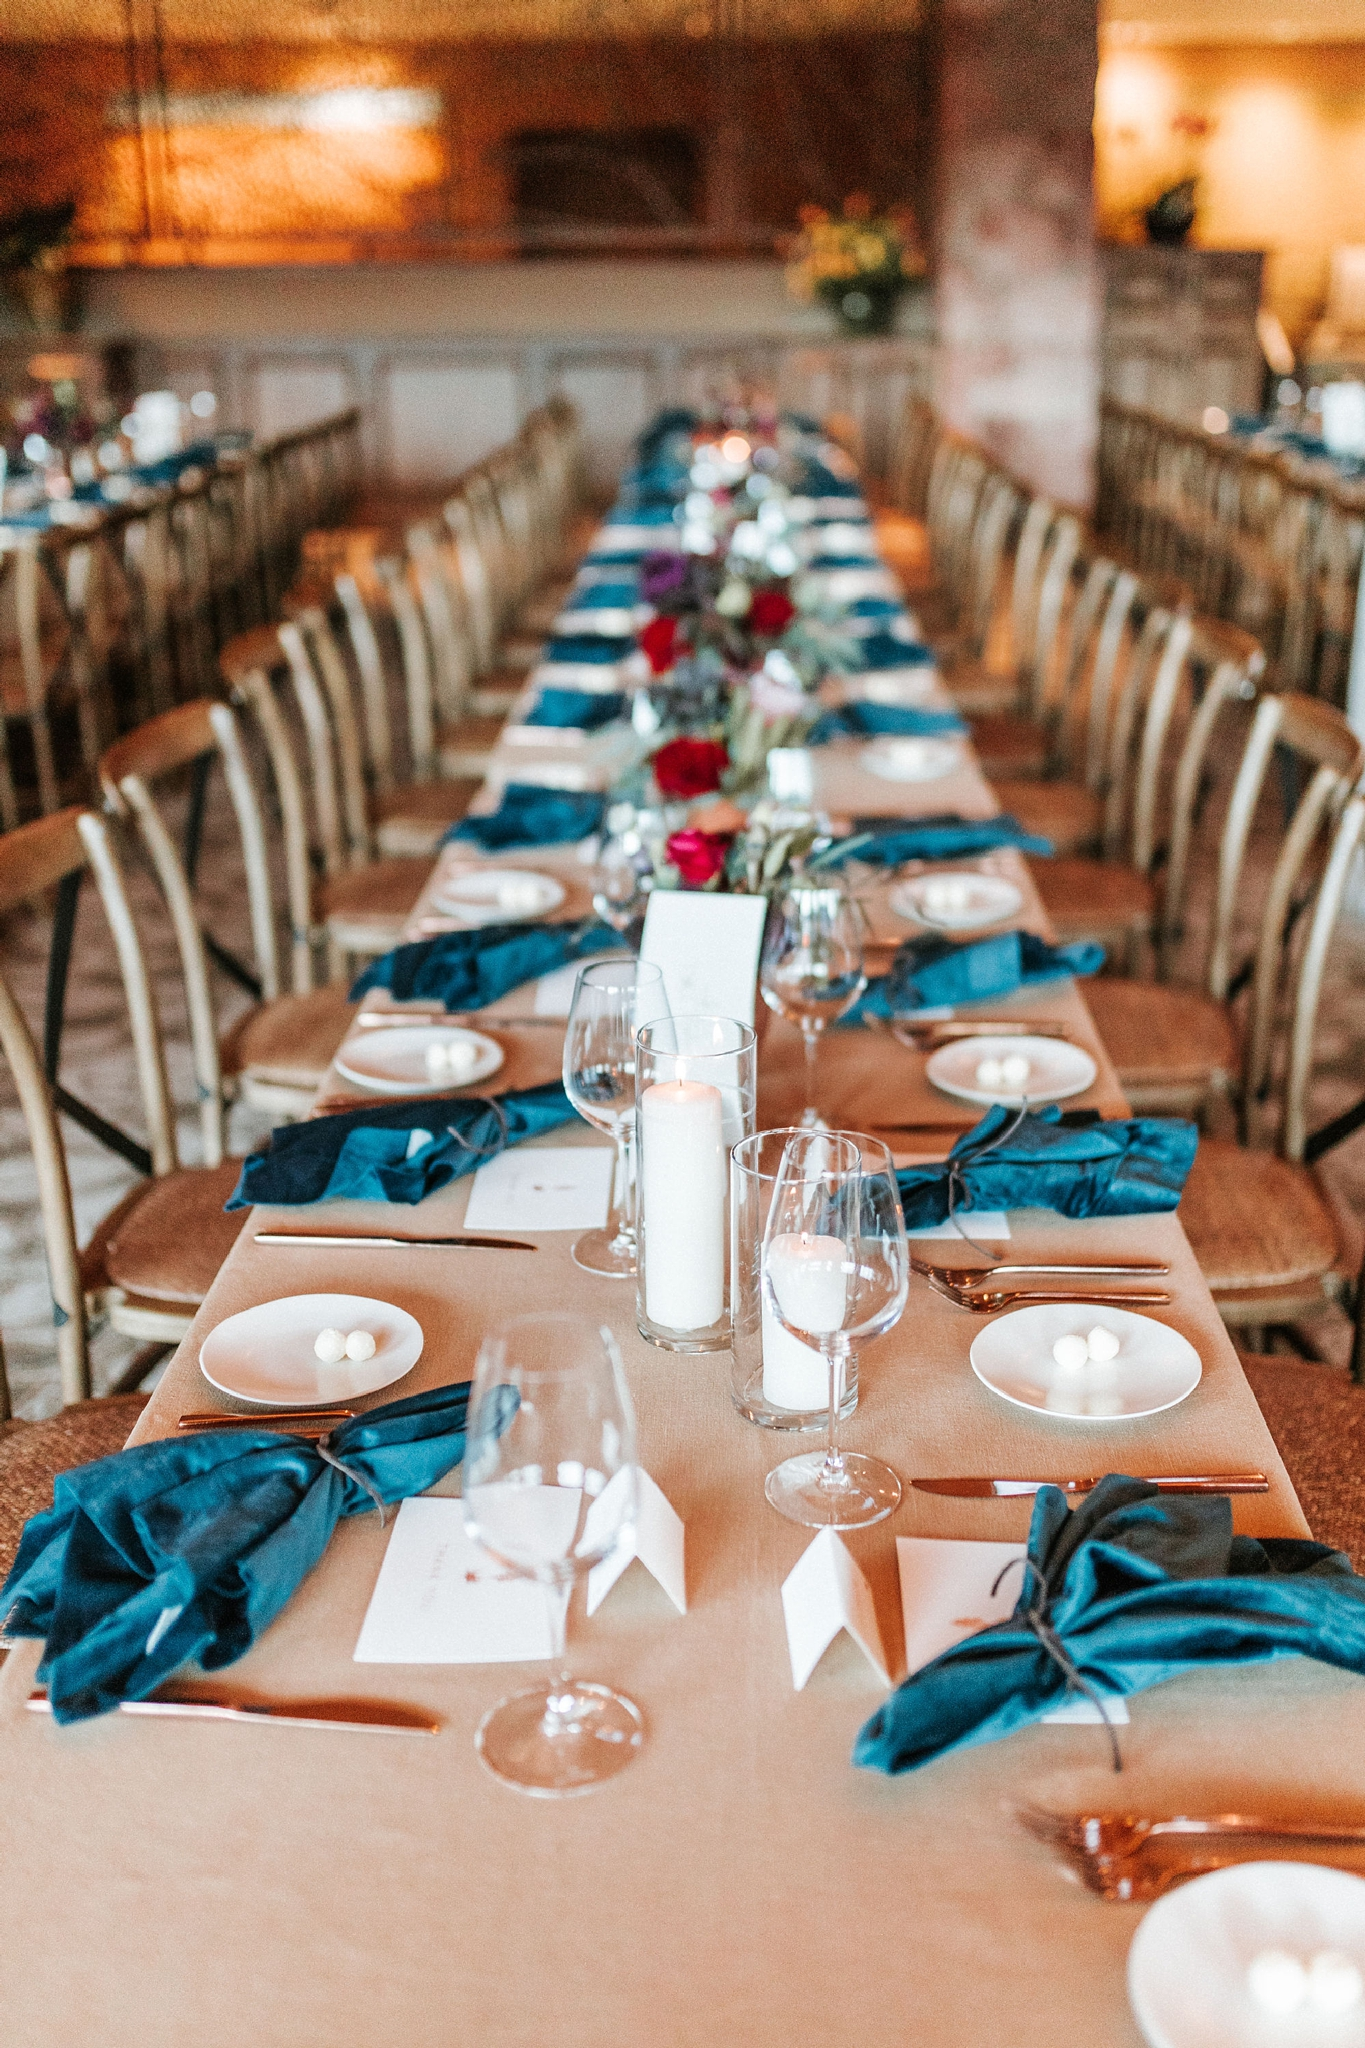 Alicia+lucia+photography+-+albuquerque+wedding+photographer+-+santa+fe+wedding+photography+-+new+mexico+wedding+photographer+-+new+mexico+wedding+-+wedding+photographer+-+wedding+photographer+team_0091.jpg